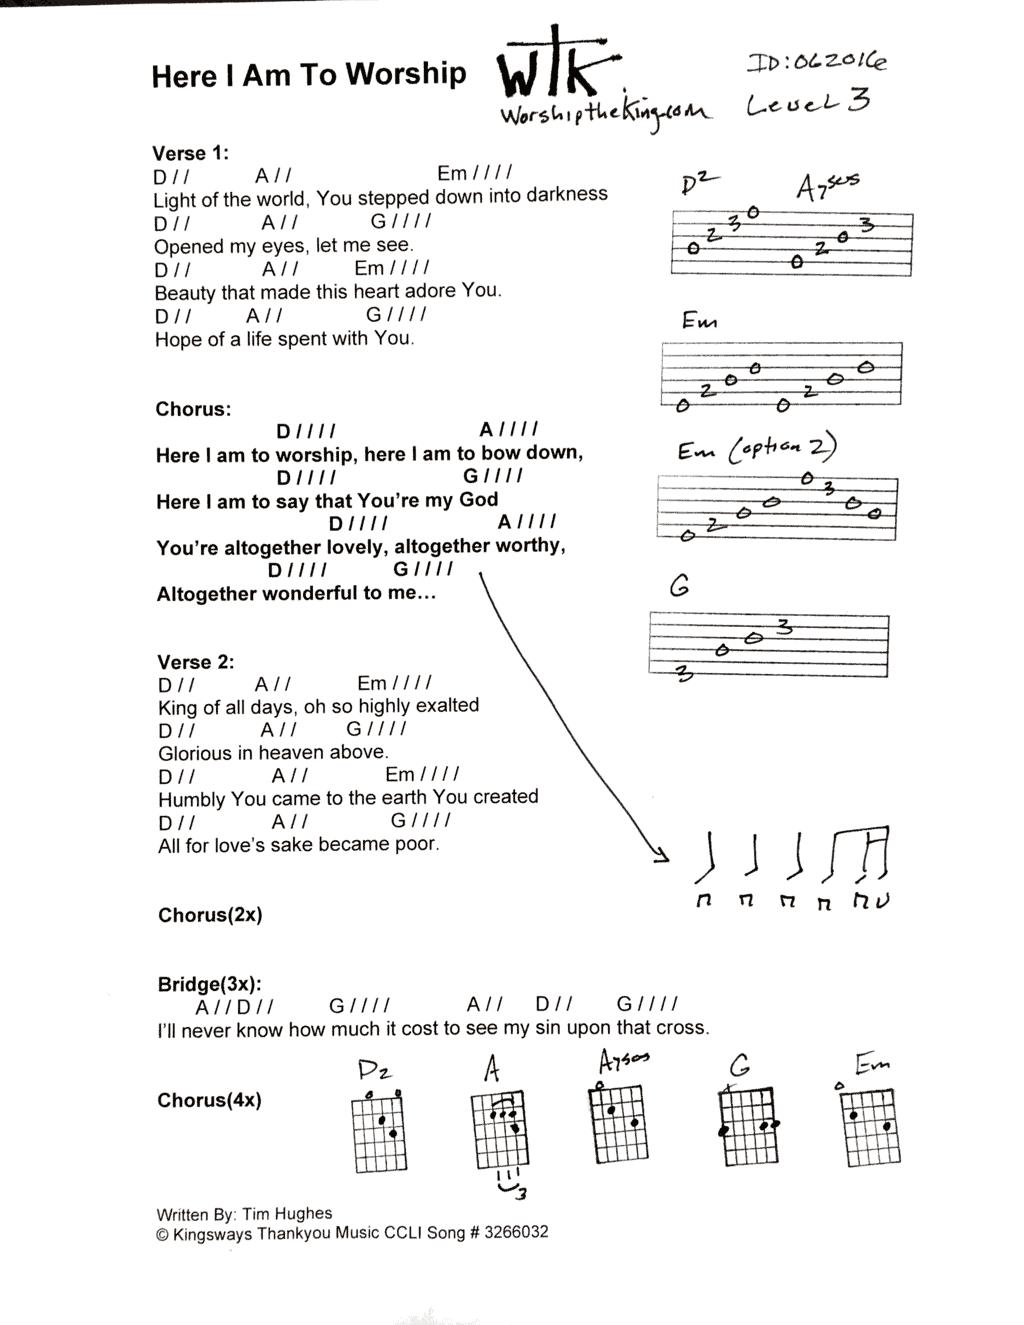 hereiamtoworship-chart